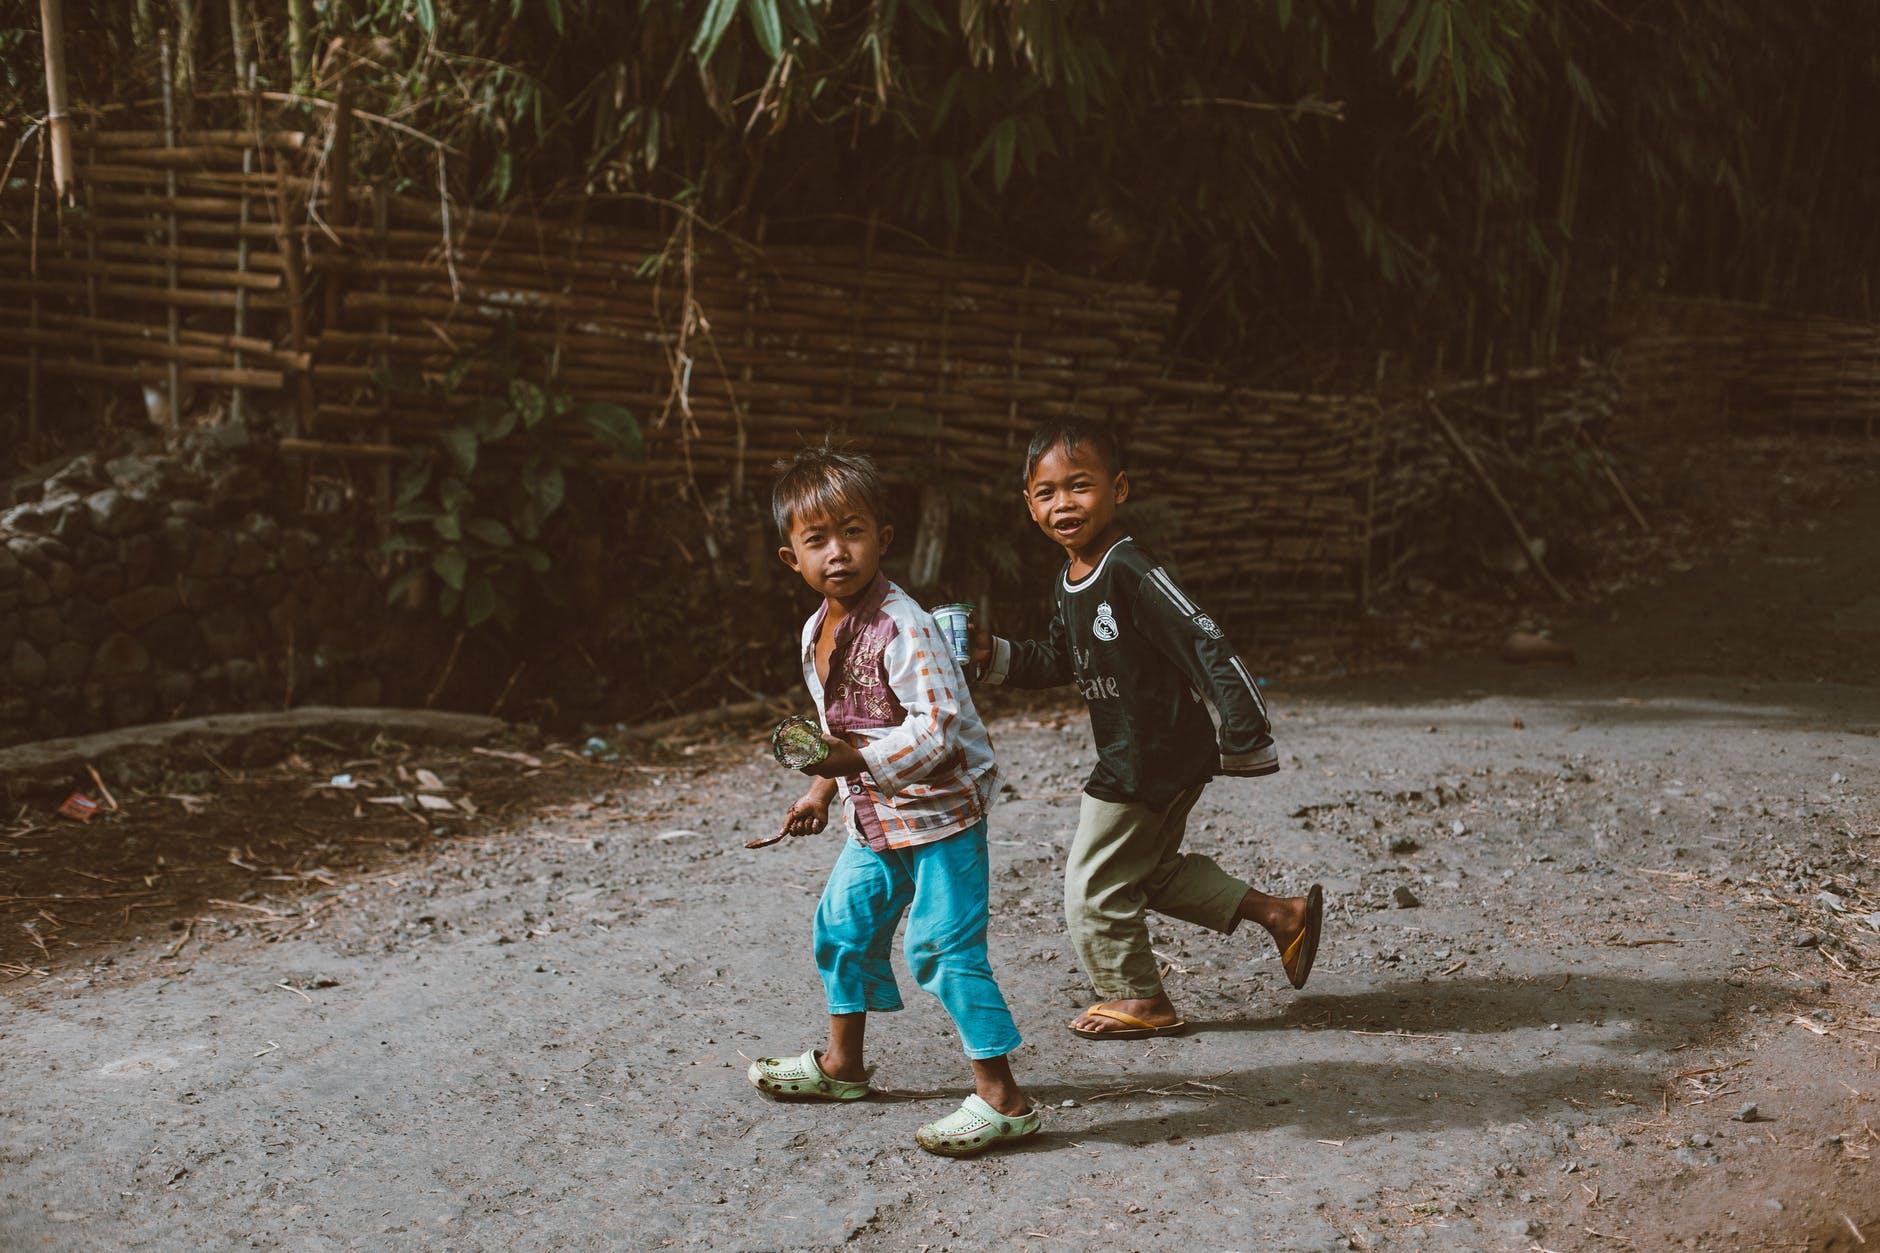 Hình ảnh đẹp về những đứa trẻ nghèo